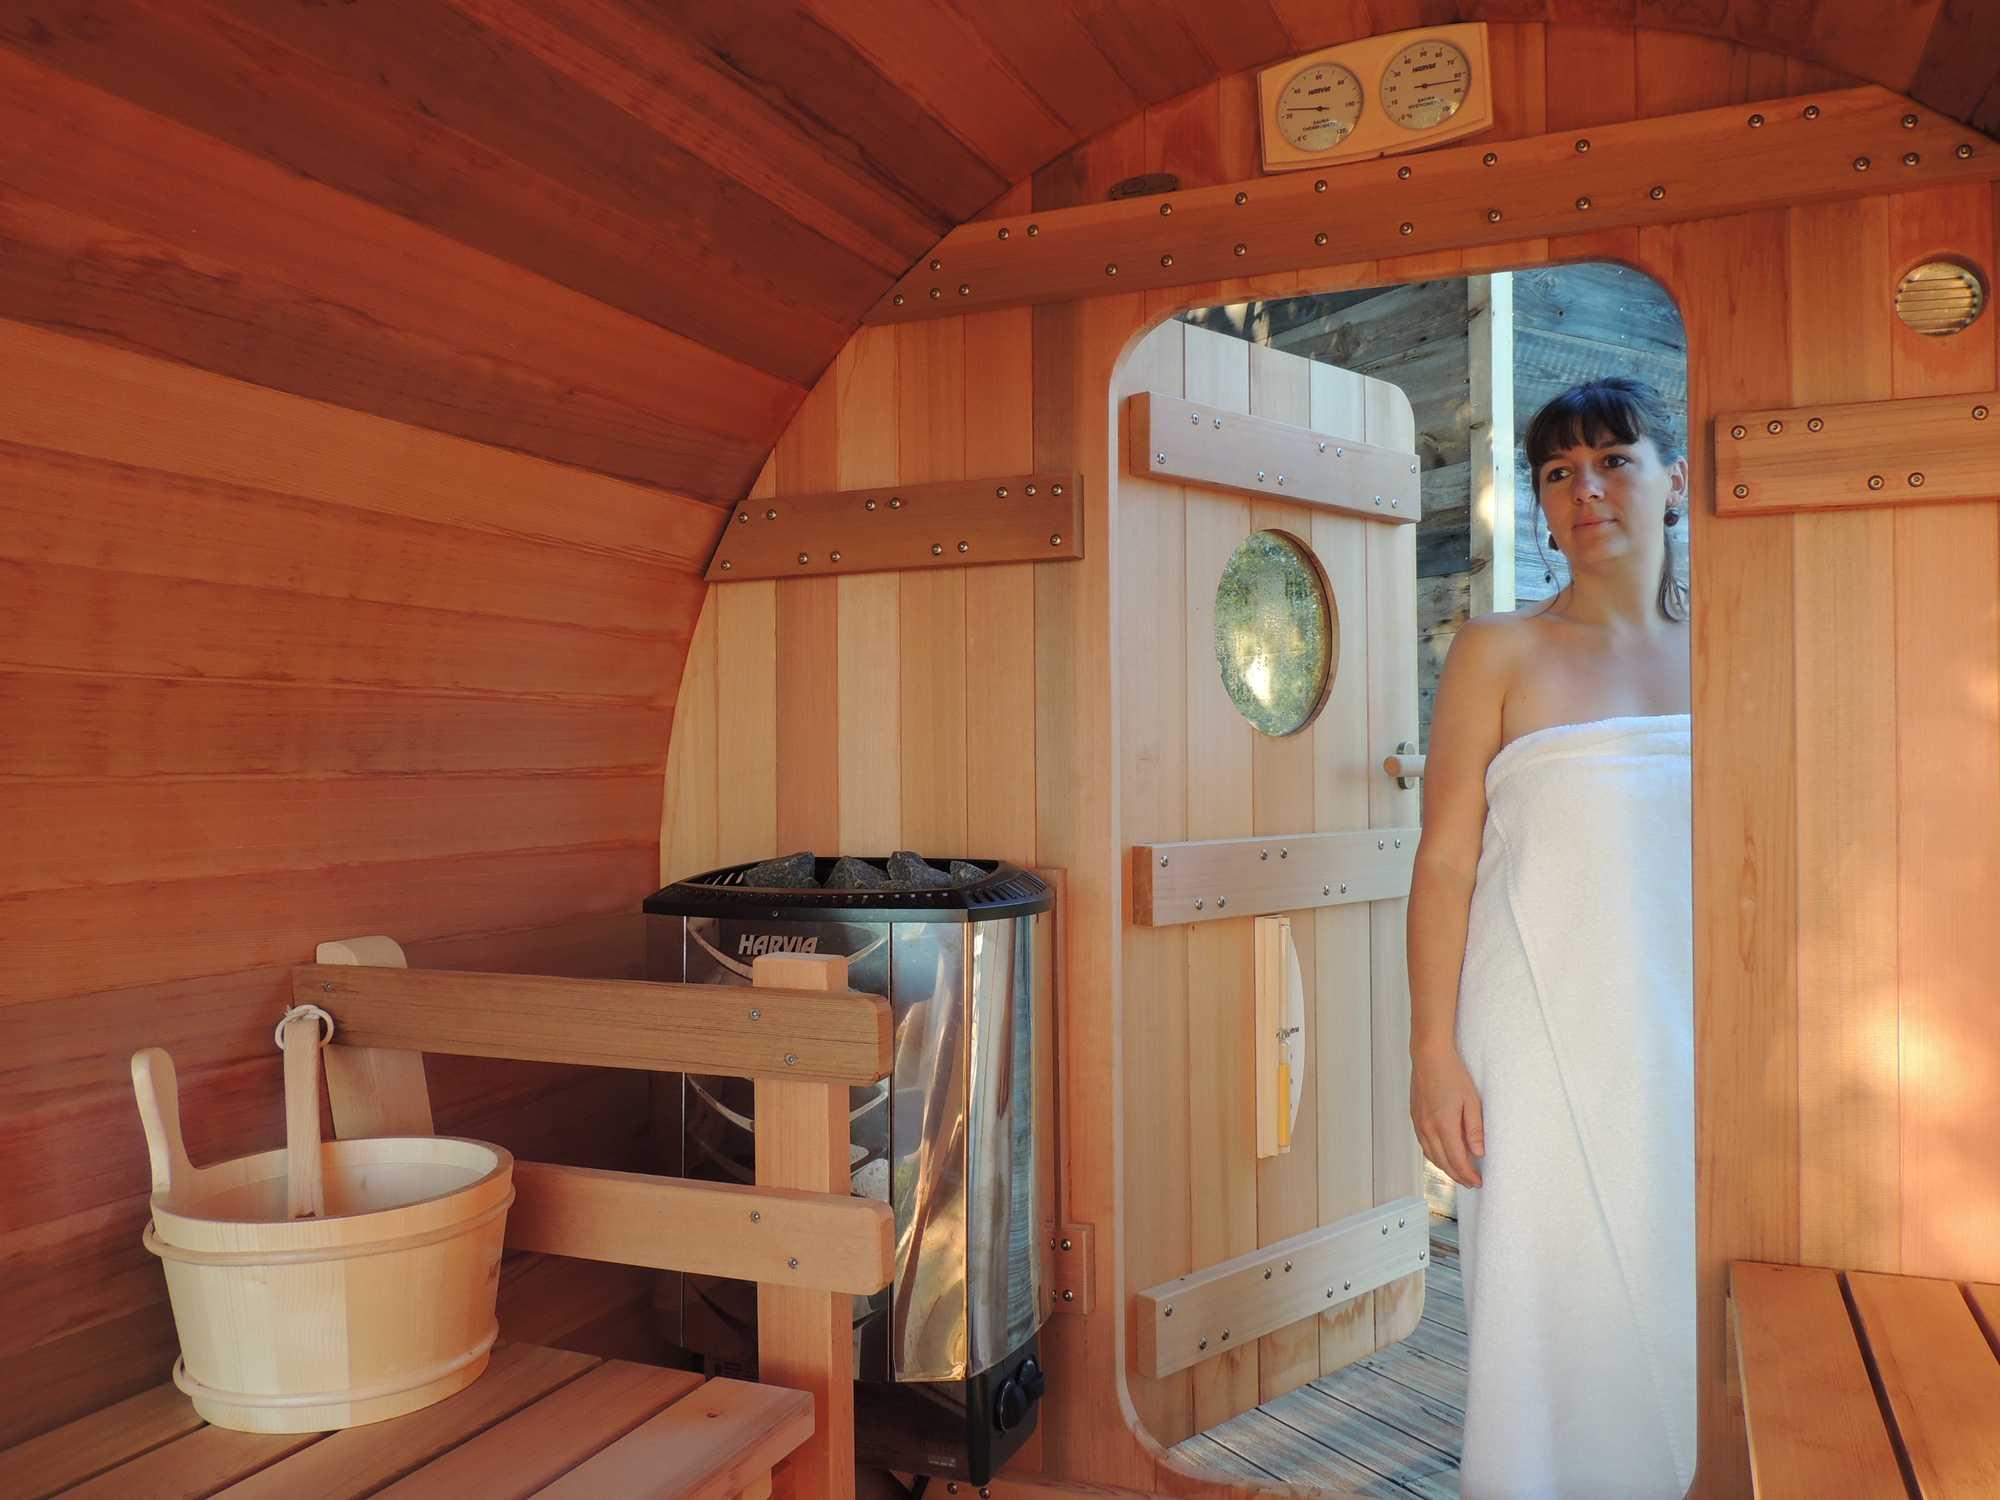 domaine sevenier camping 5 etoiles ardeche spa galerie photo 24 - domaine-sevenier-camping-5-etoiles-ardeche-spa-galerie-photo-24